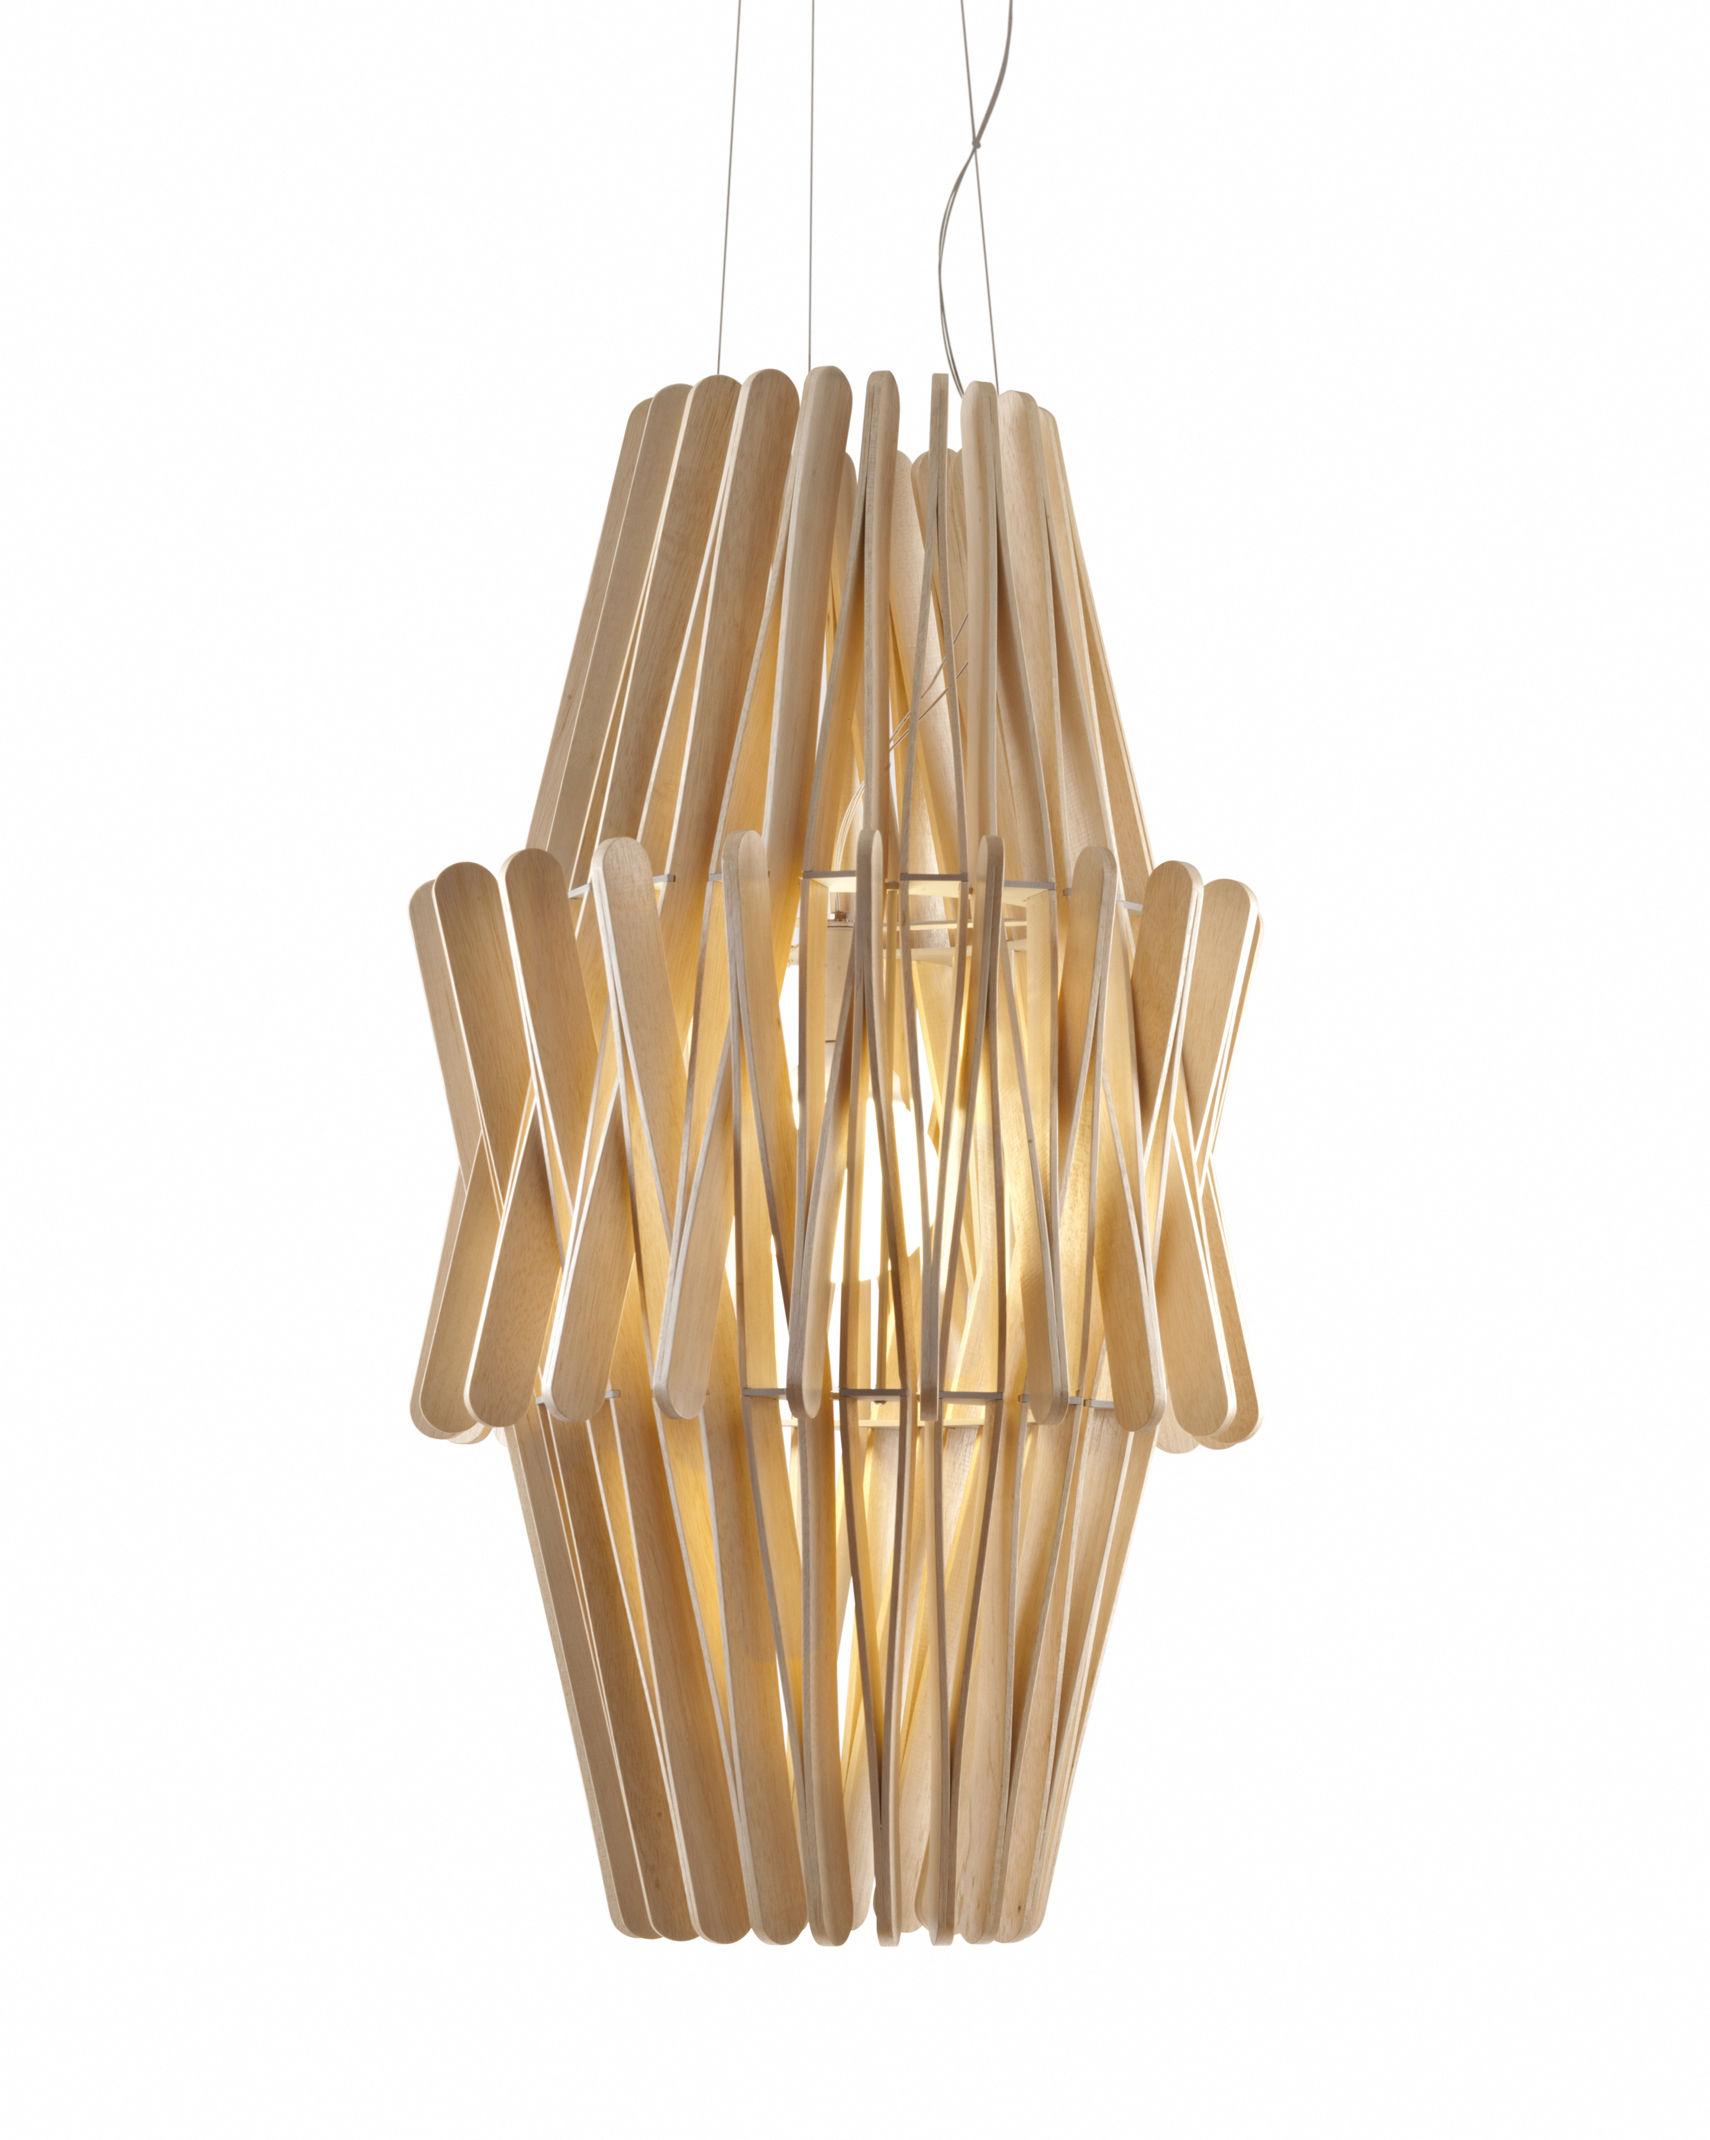 Luminaire - Suspensions - Suspension Stick 05 / Ø 50 x H 97 cm - Fabbian - Bois clair - Bois Ayous, Métal verni